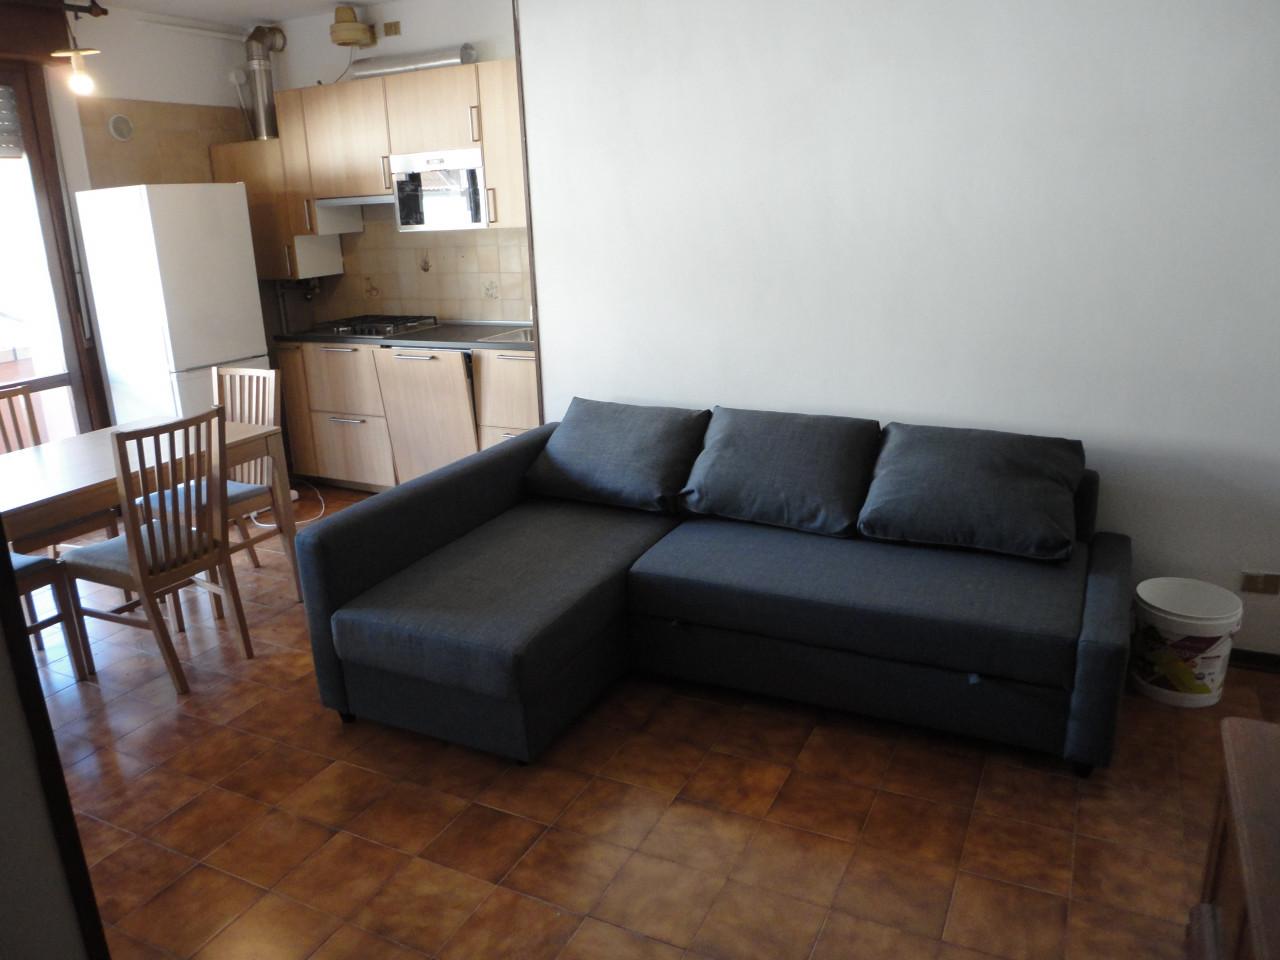 L495 Appartamento bicamere con terrazzo in affitto a Montegrotto Terme https://media.gestionaleimmobiliare.it/foto/annunci/190604/2014770/1280x1280/000__dsc04822.jpg